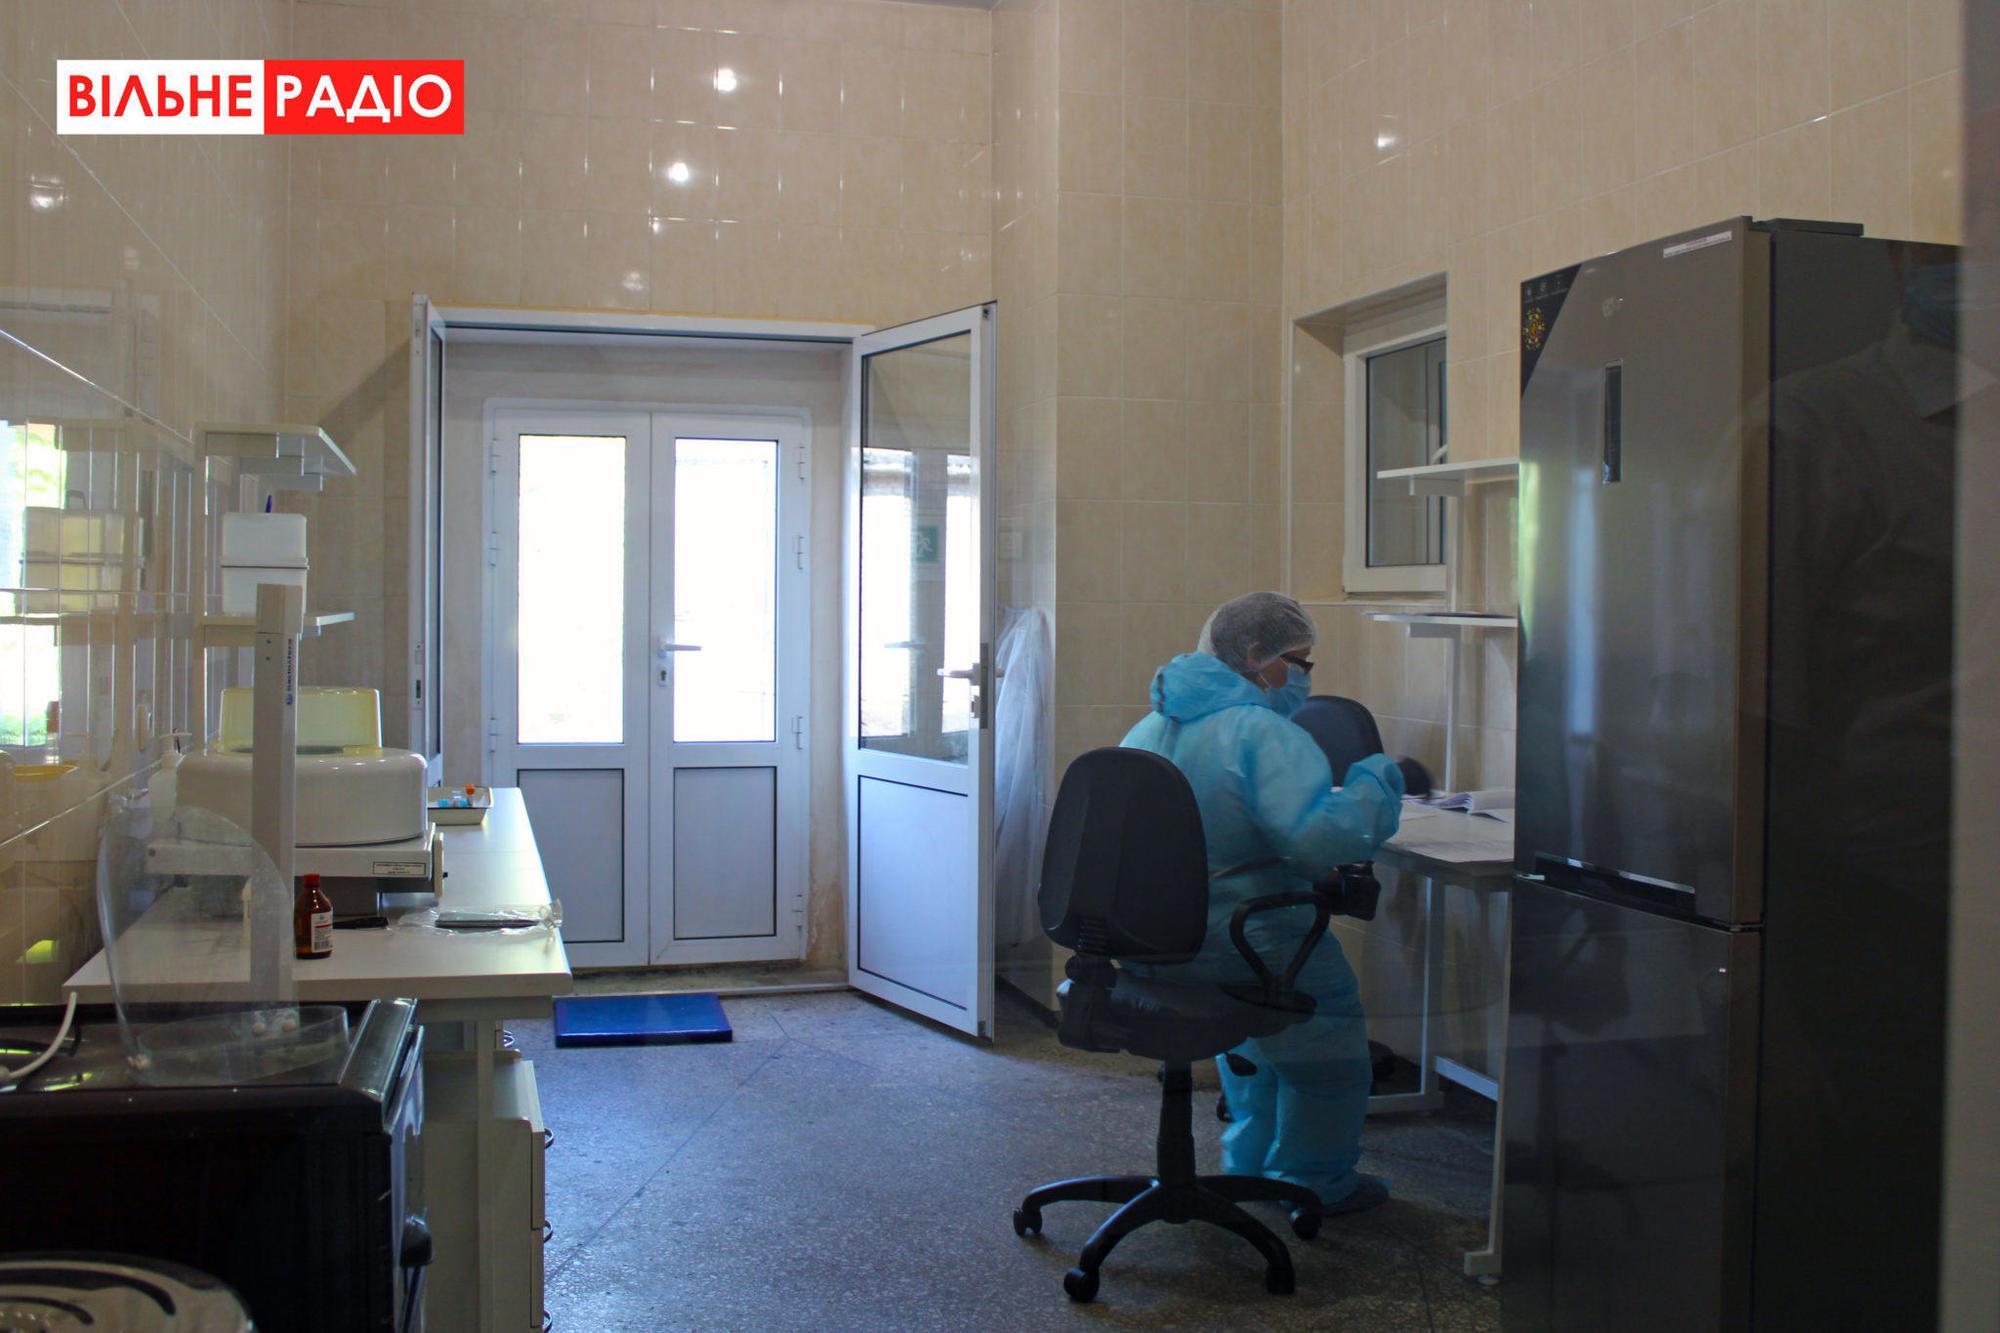 Еще учатся: В новой ПЦР-лаборатории Торецка проверЕще учатся: В новой ПЦР-лаборатории Торецка проверяют по 20 человек в день (ФОТО)яют по 20 человек в день (ФОТО)